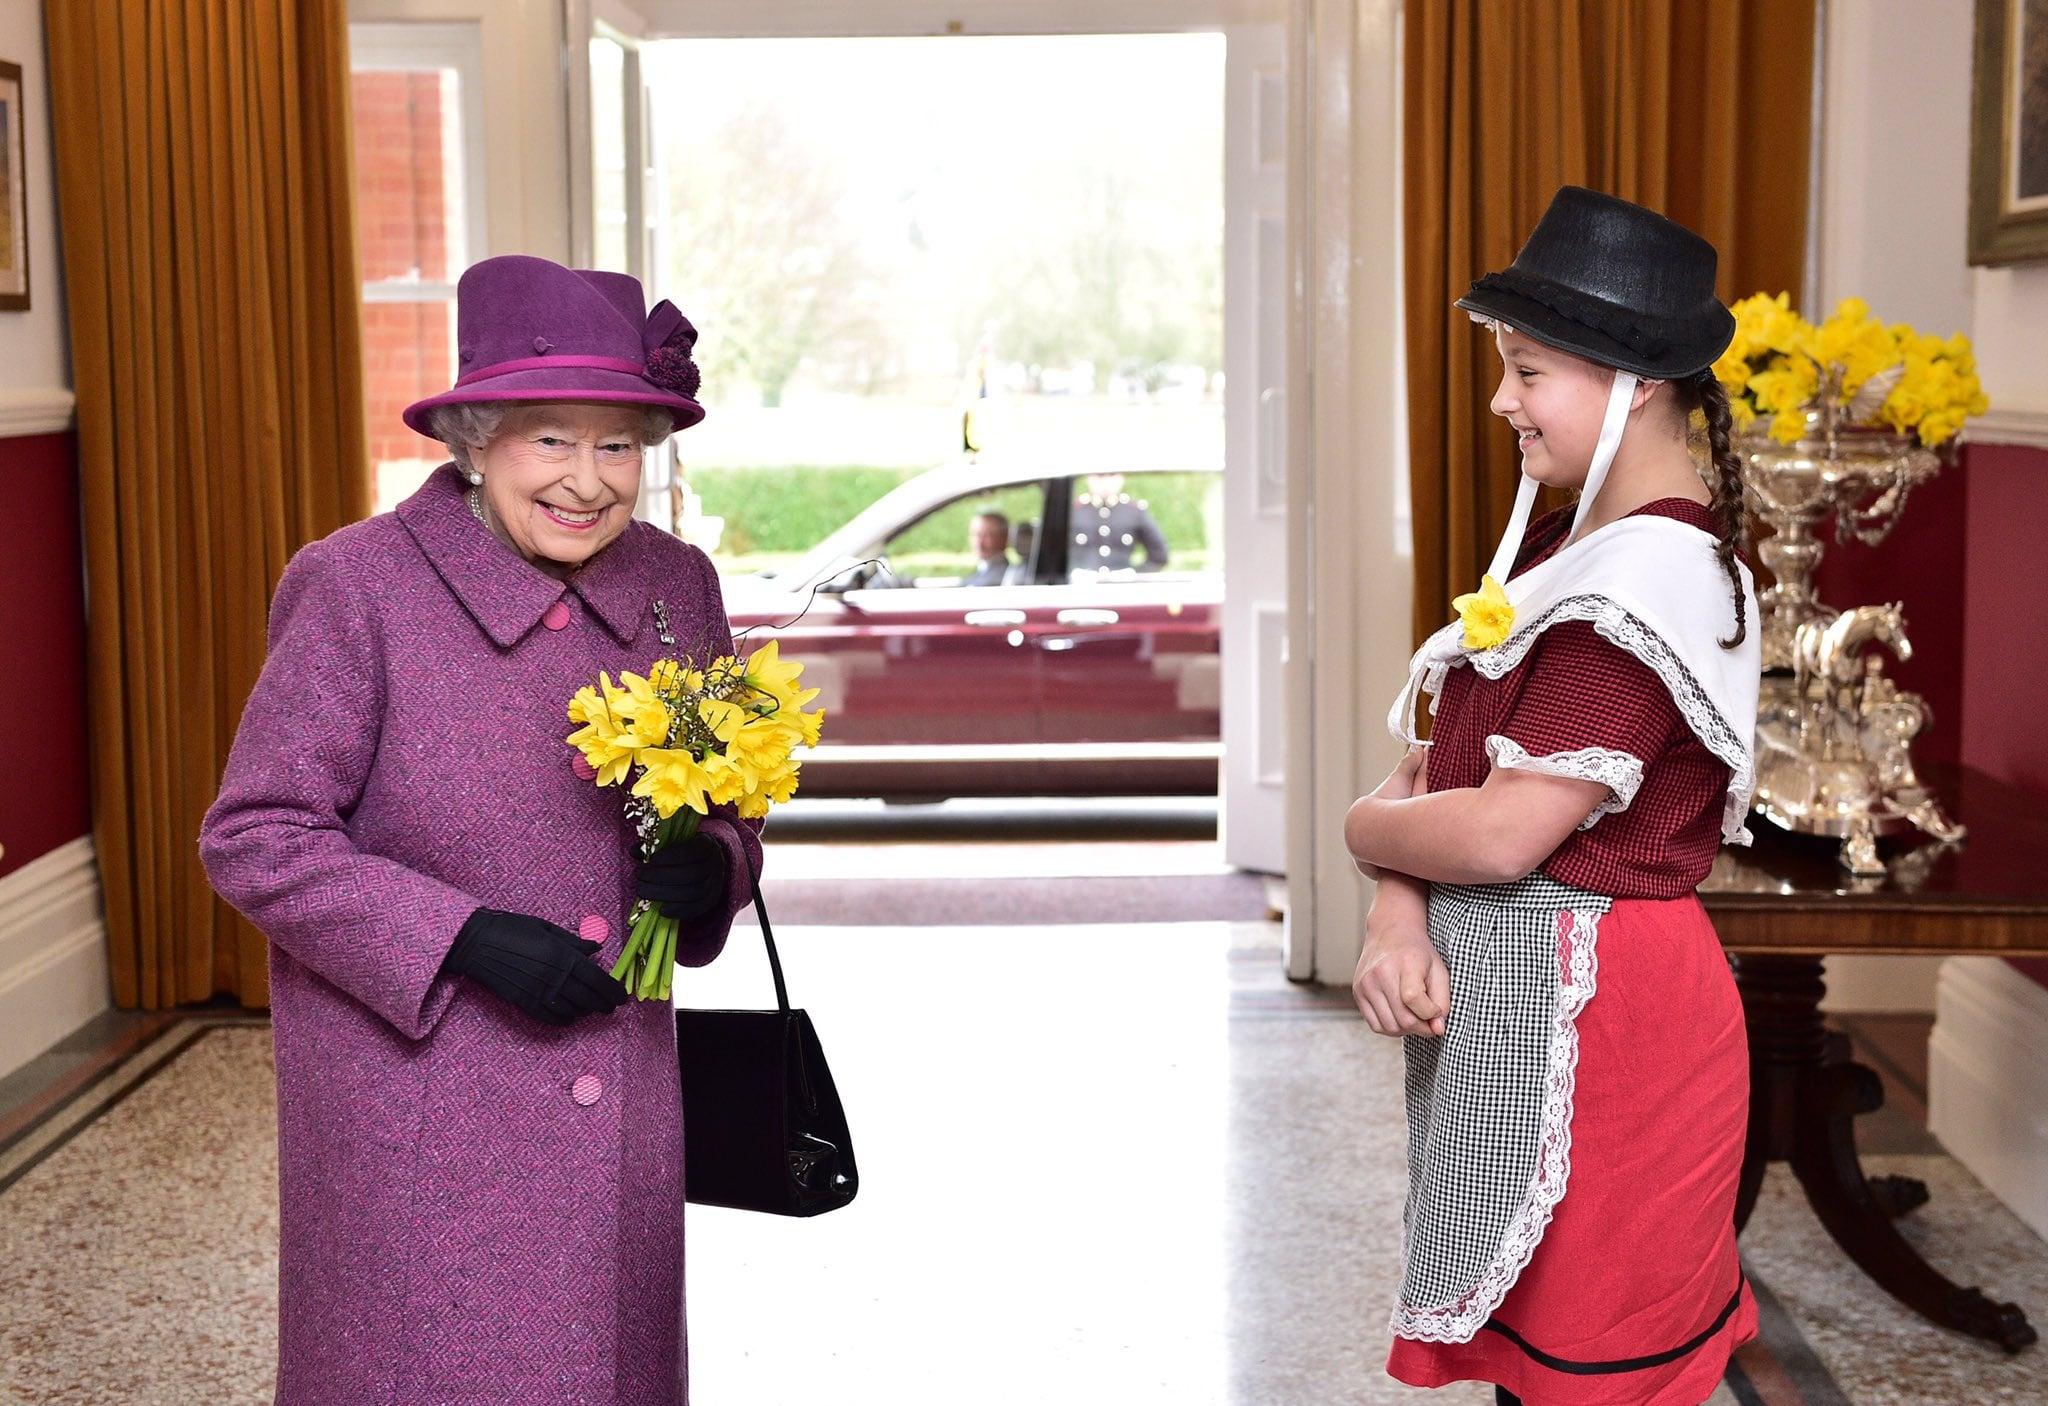 西班牙 英国 塞维利亚 传统 皇宫 英国女王 伊丽莎白二世